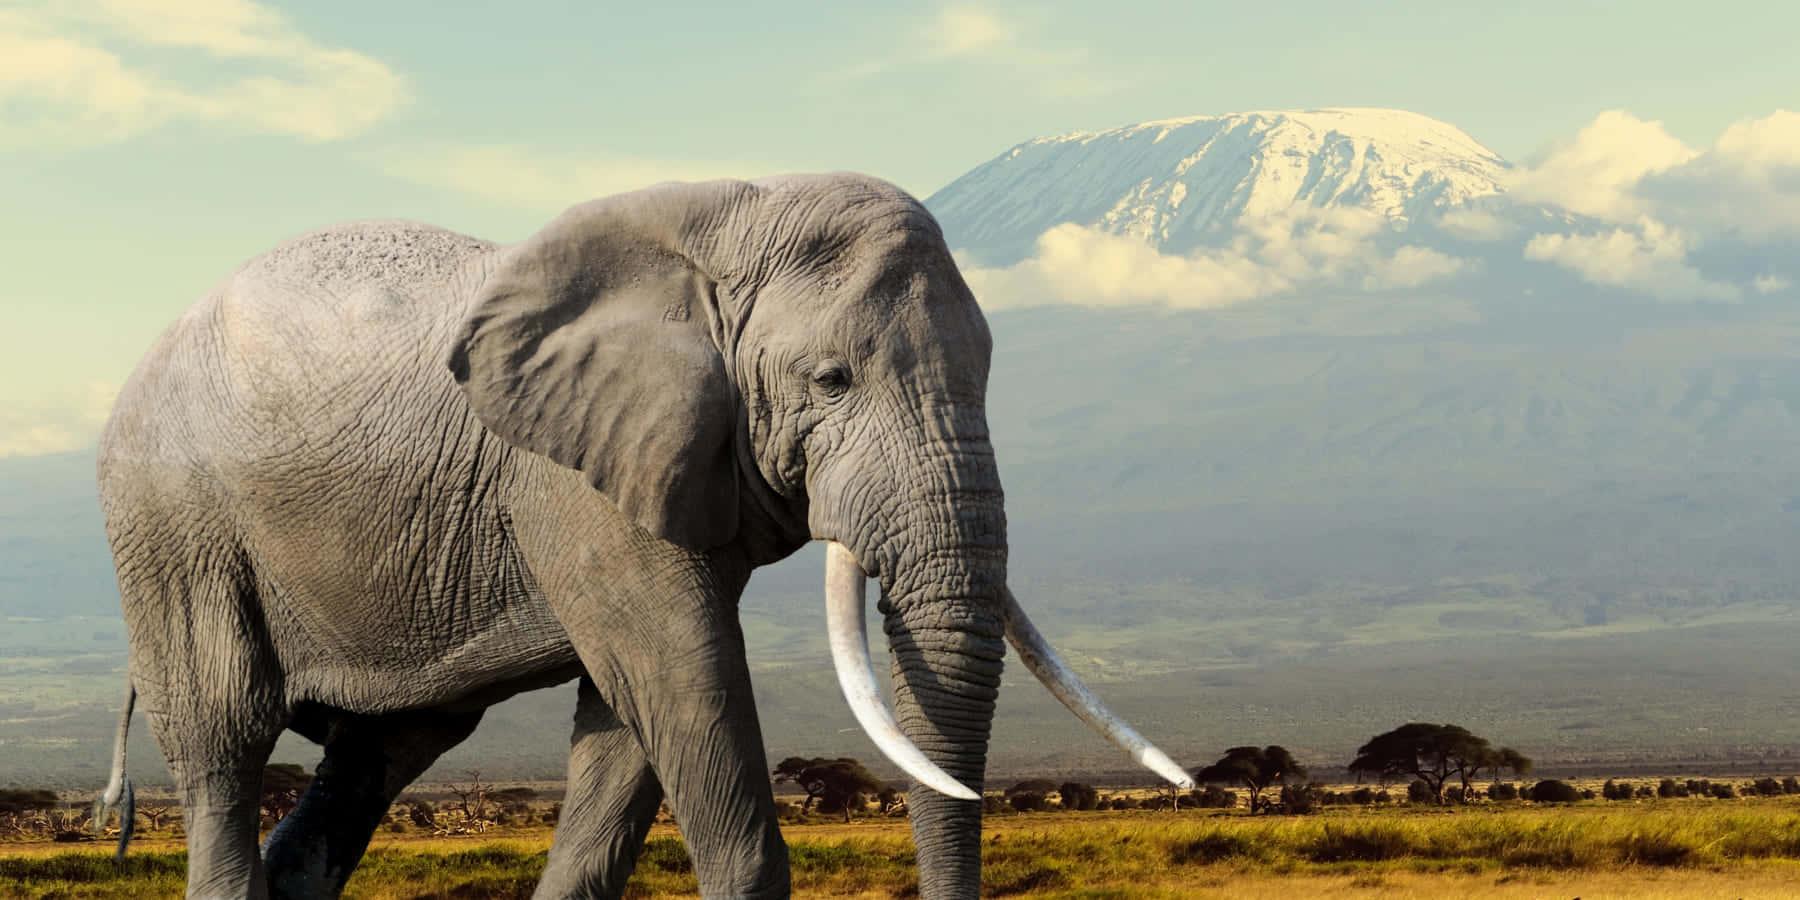 象を絶滅から守る。身につけて訴えるジュエリー「Tiffany Save the Wild」コレクション